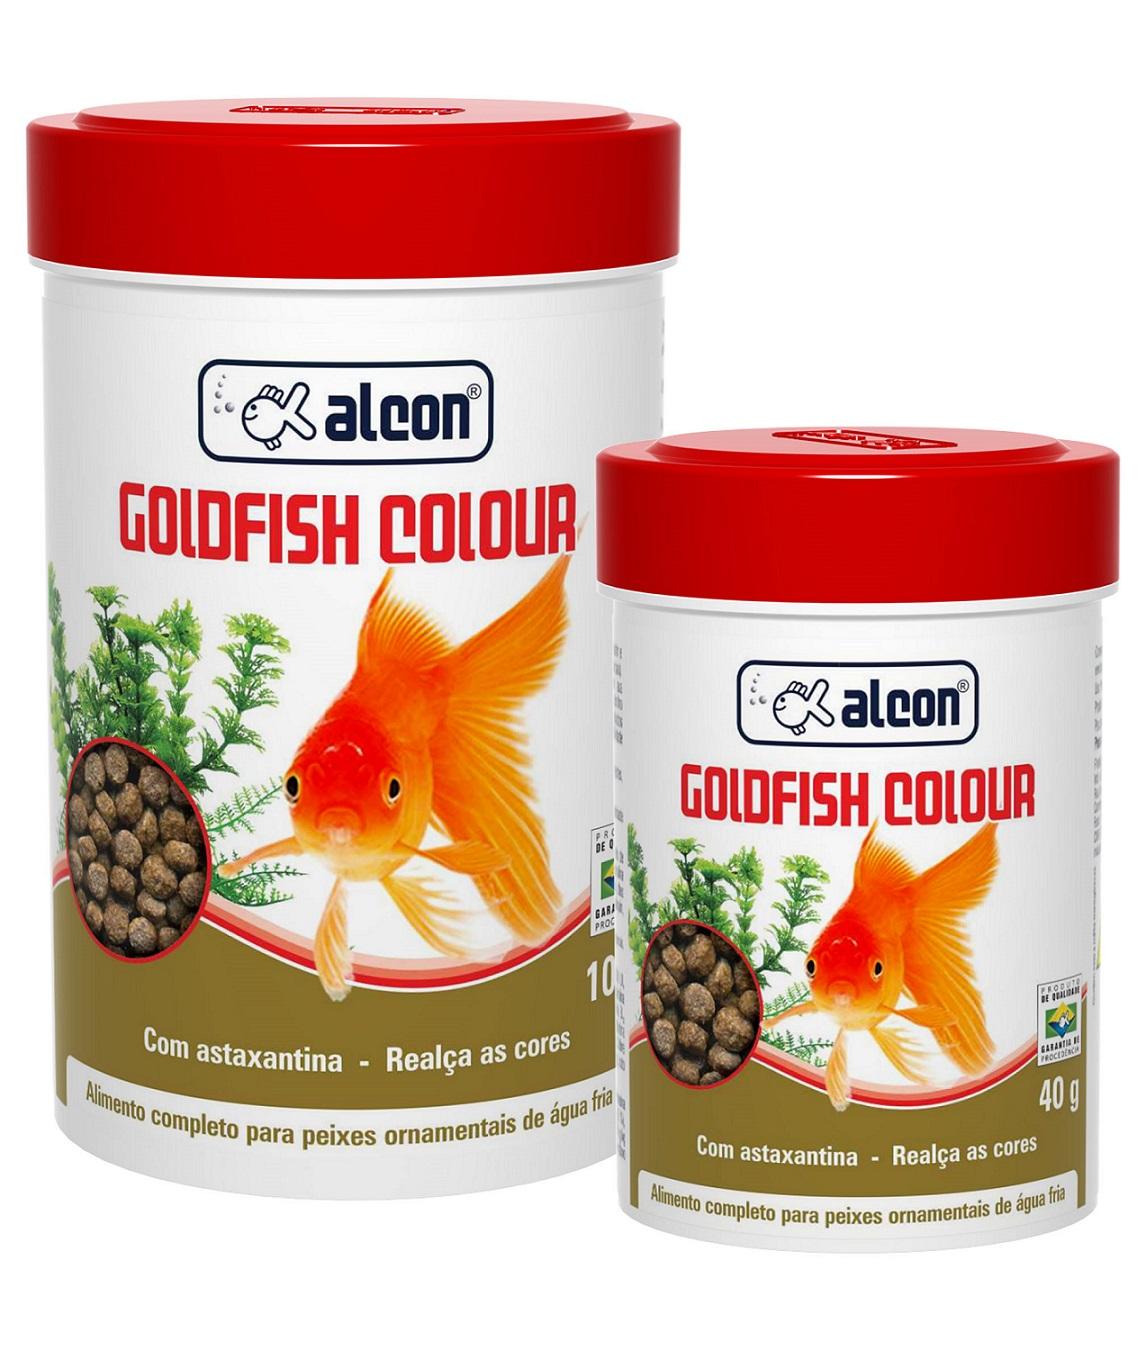 Ração Alcon Goldfish Colour  - 40G